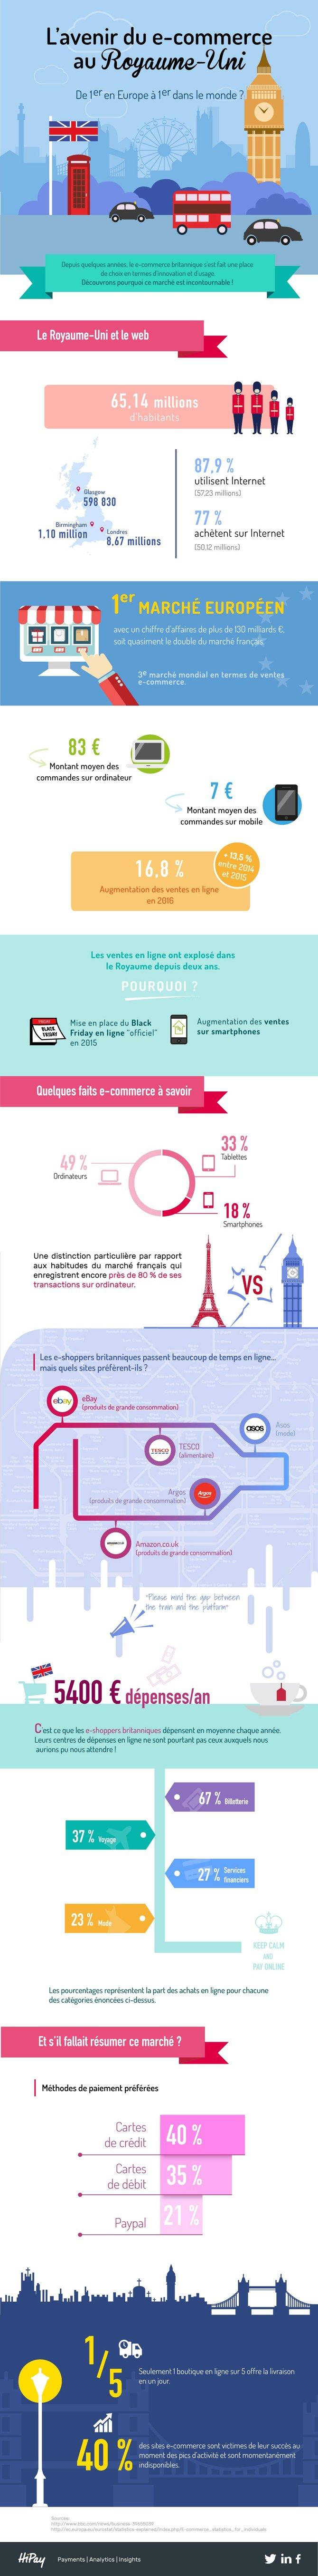 infographie_uk_fr.jpg